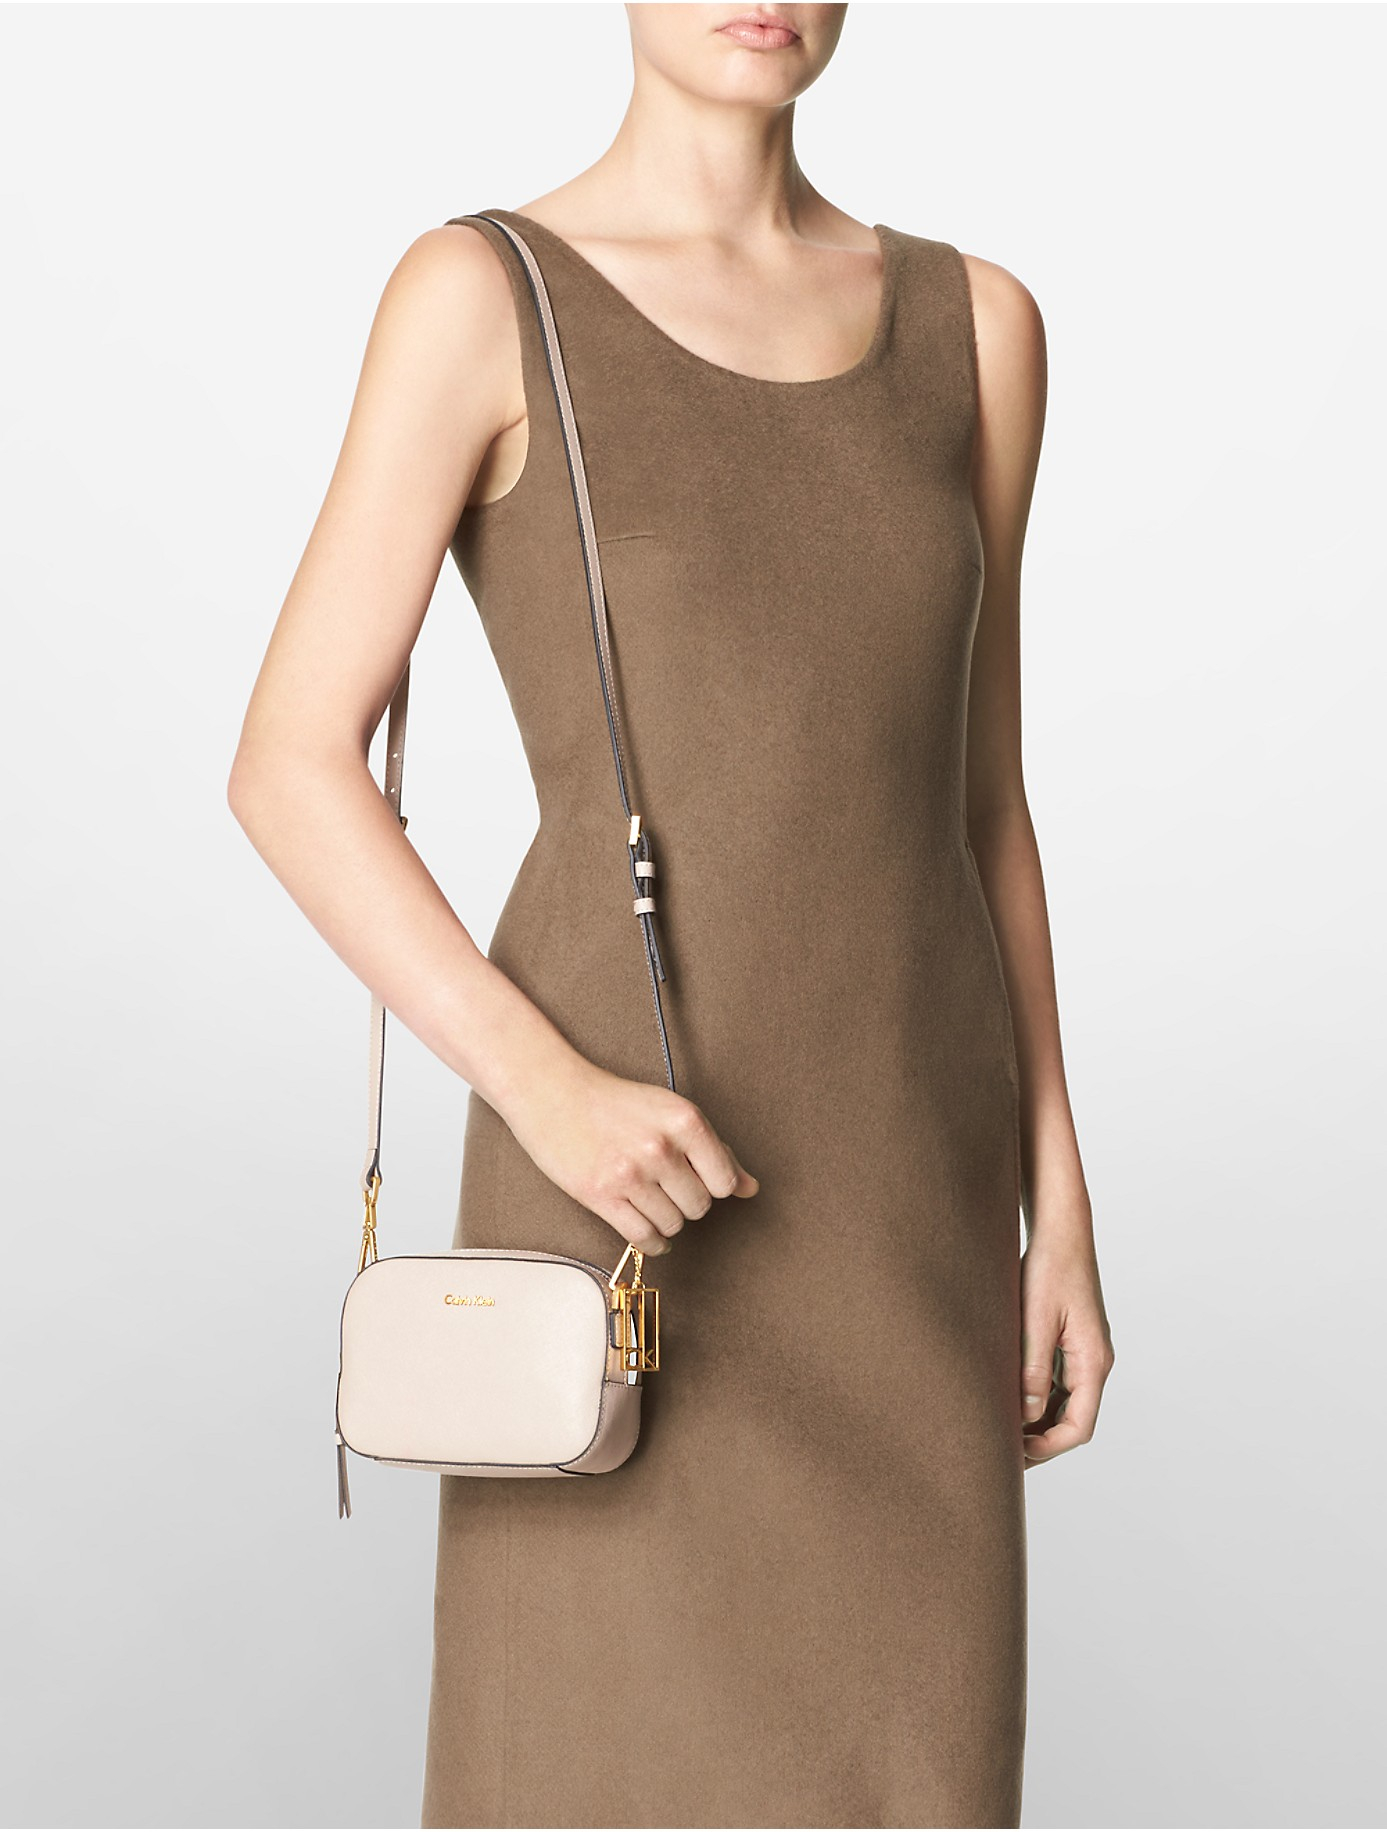 Womens City Leather Camera Bag Prada GI183s